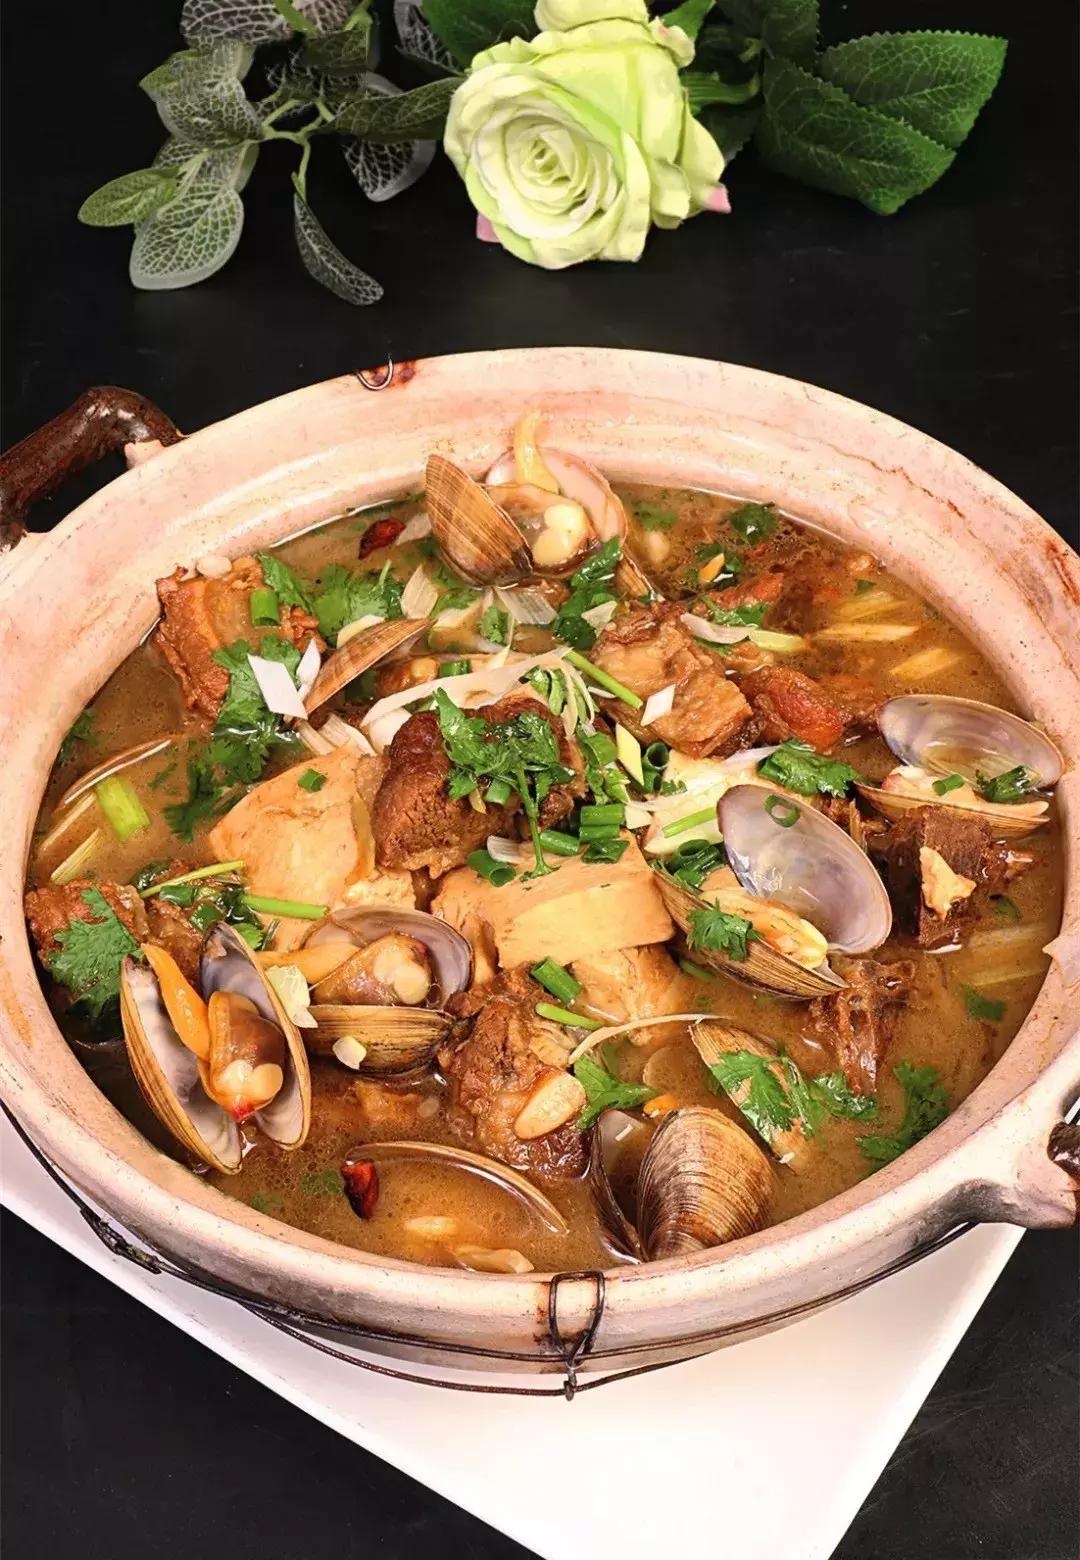 大厨教你做8道亲民粤菜,普通食材也能做出热销菜! 粤式菜谱 第5张